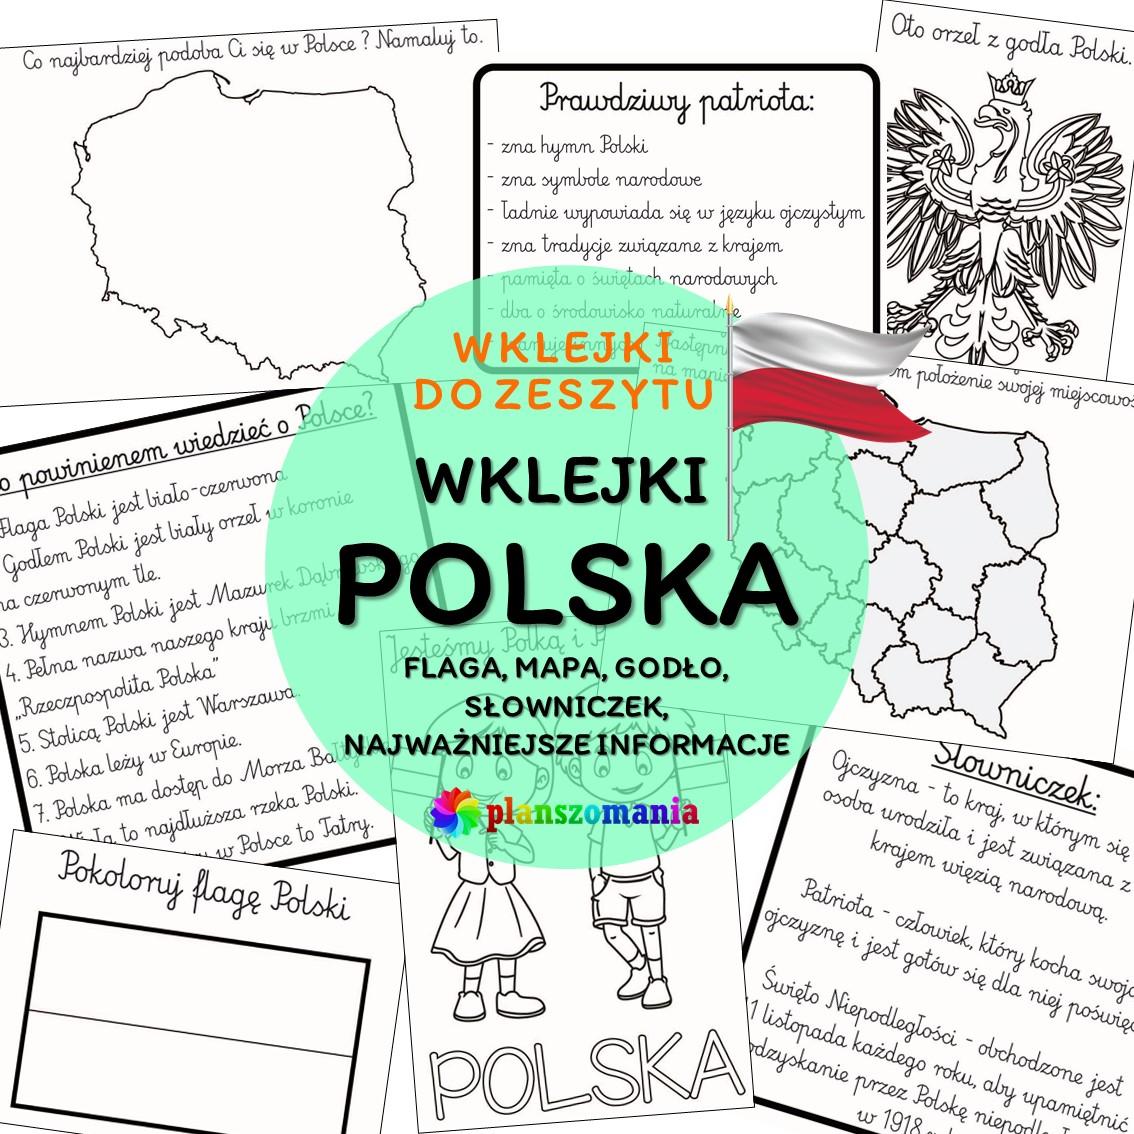 wklejki do zeszytu wklejki do pierwszej klasy pdf polska święto niepodległości materiały dla nauczyciela